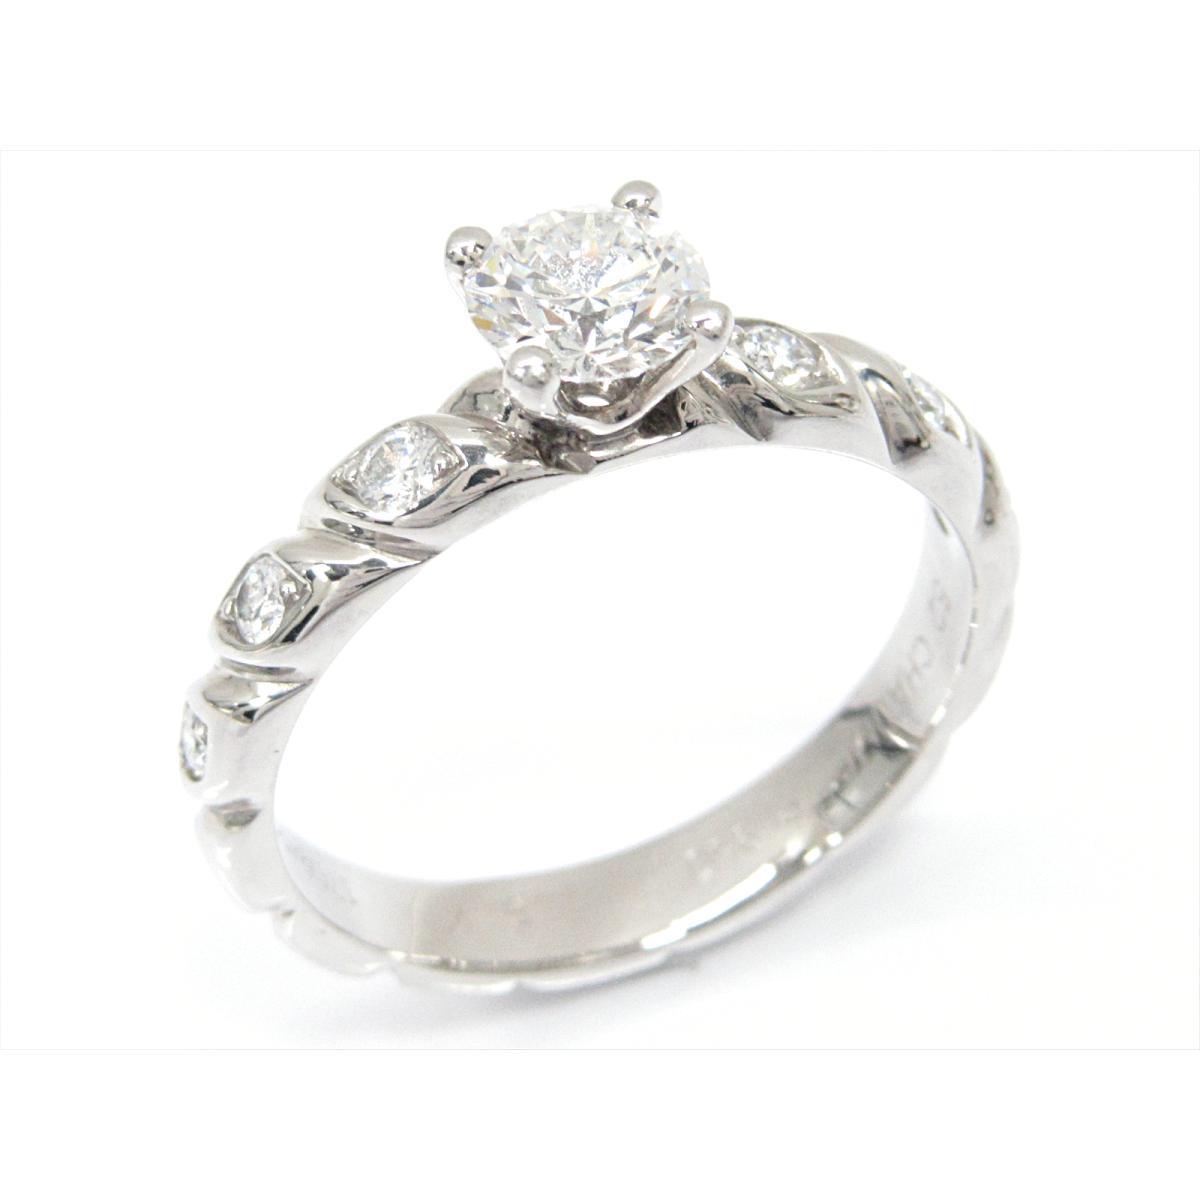 【中古】ショーメ トルサードダイヤモンドリング 指輪 ブランドジュエリー レディース PT950 プラチナxダイヤモンド(石目なし)